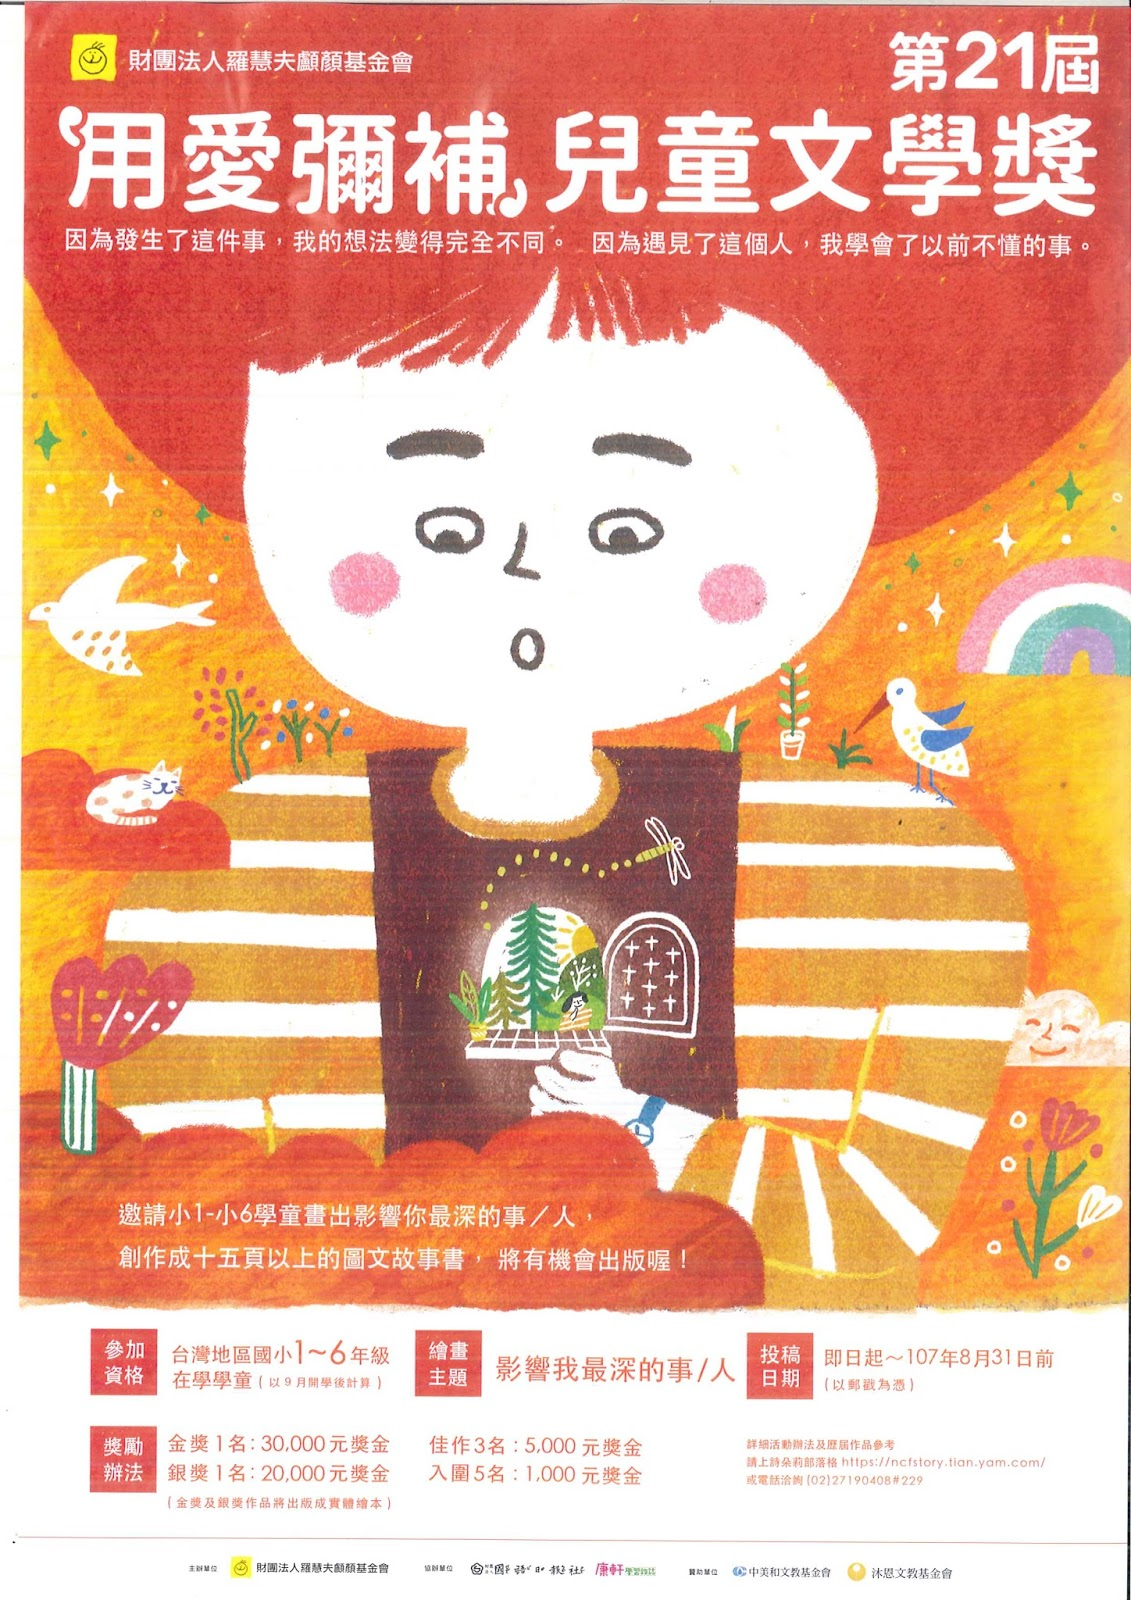 臺南市西門實驗小學全球資訊網: 第21屆「用愛彌補」兒童文學獎繪本徵選活動